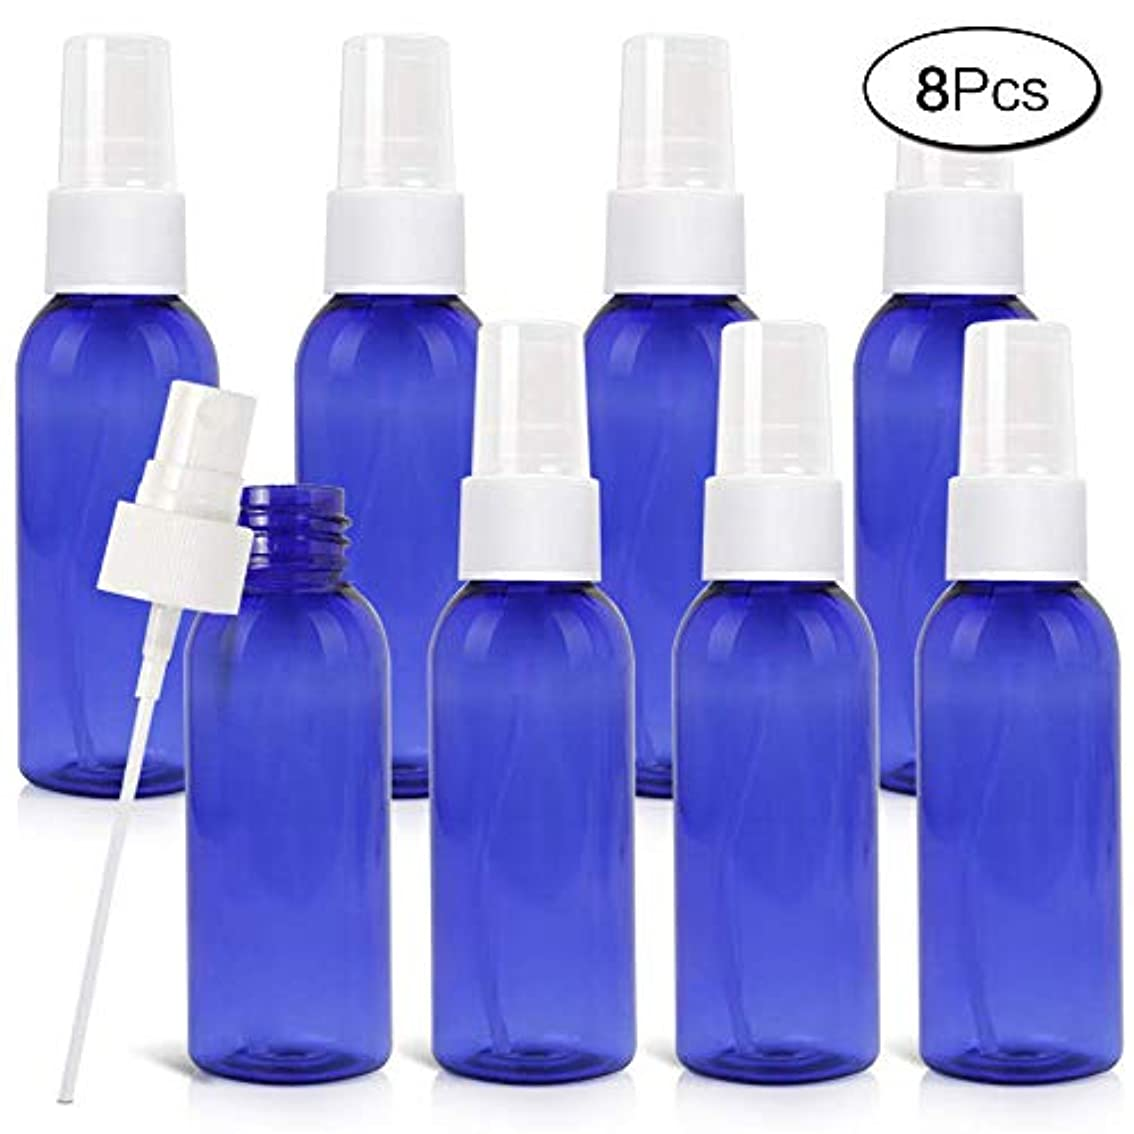 コットンラフト電子スプレーボトル 50ml 8本 遮光スプレー 霧吹き 詰め替え容器 キャップ付 青色